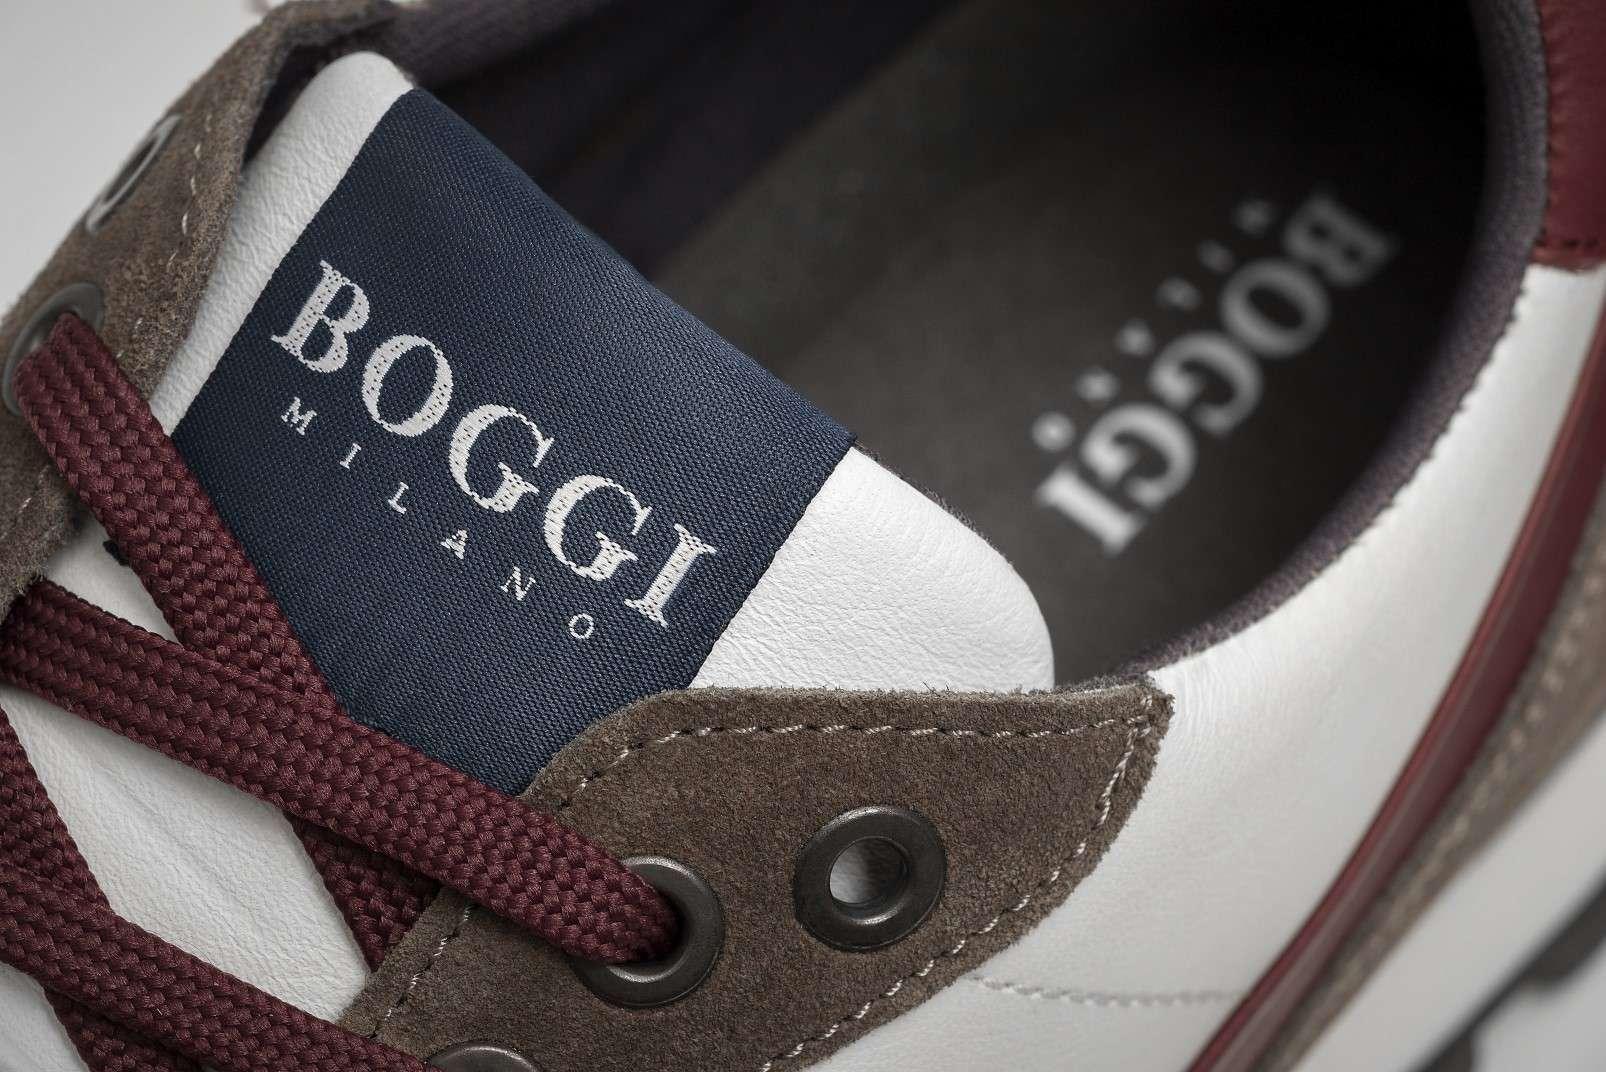 Boggi Milano running sneakers, discreet branding